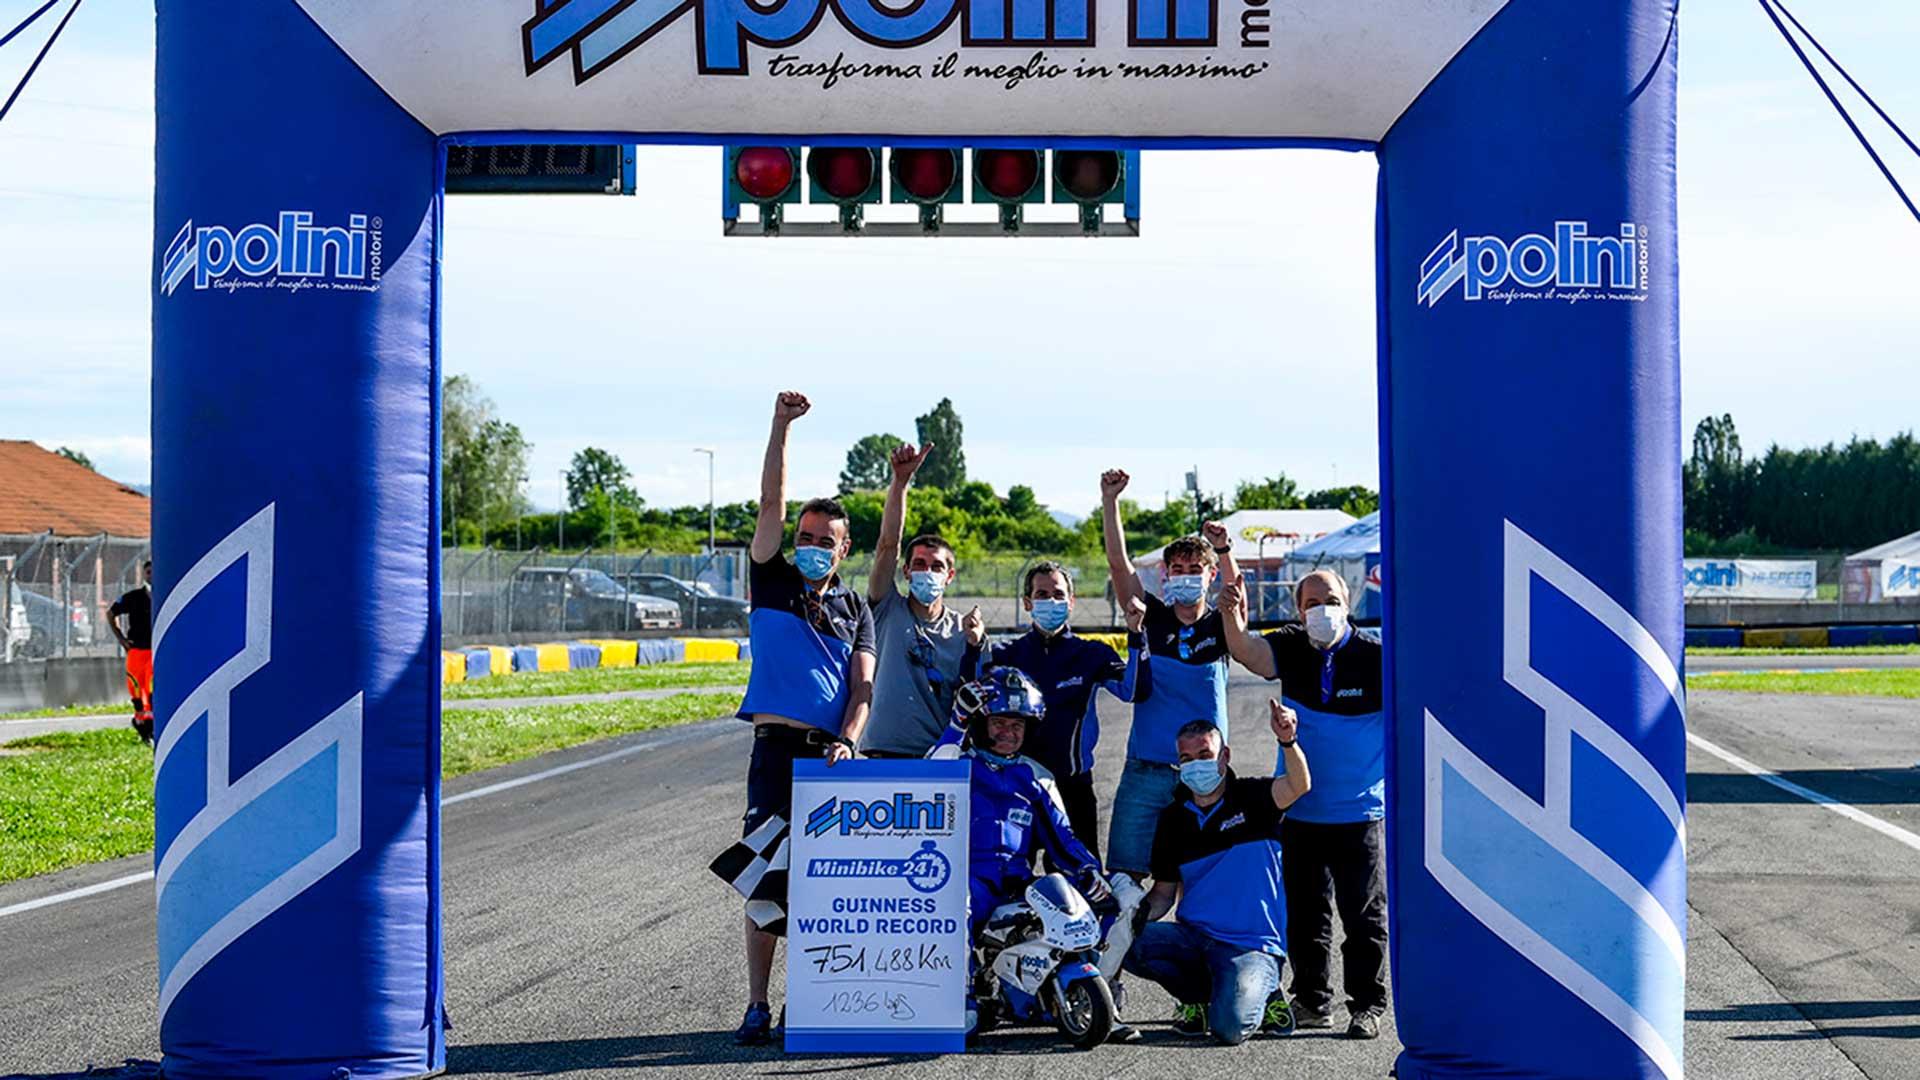 Polini Minibike 24h: más de 750 km y récord del mundo